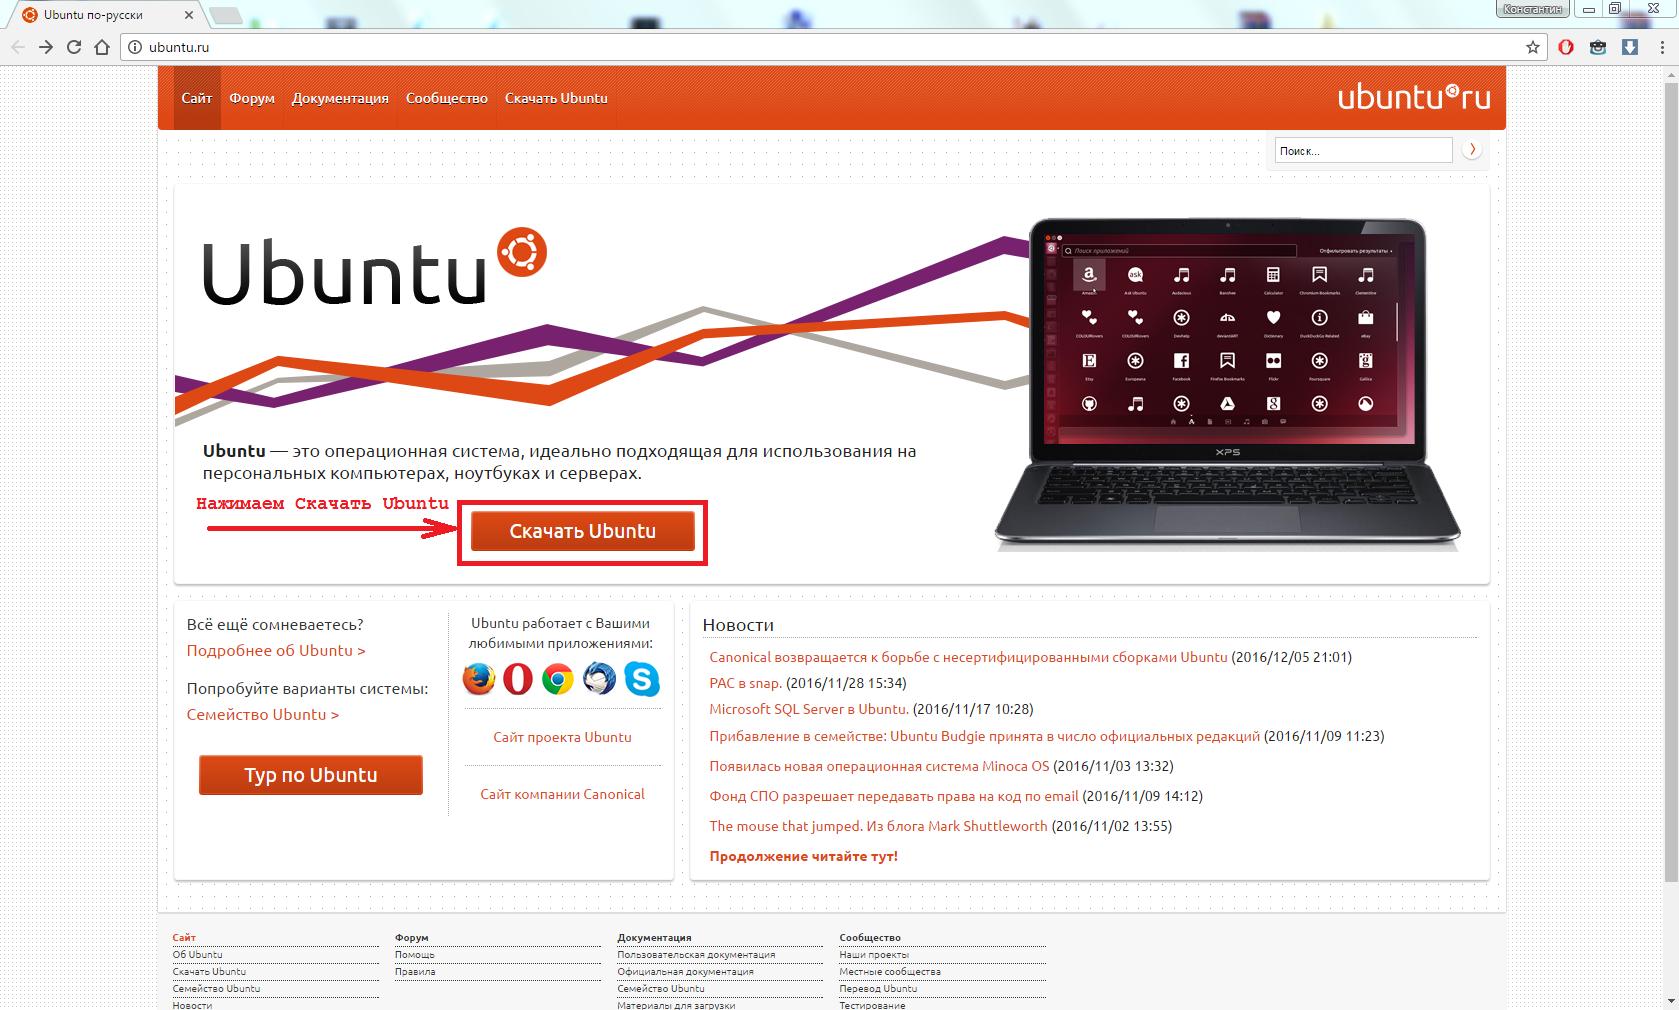 Нажмите Скачать Ubuntu